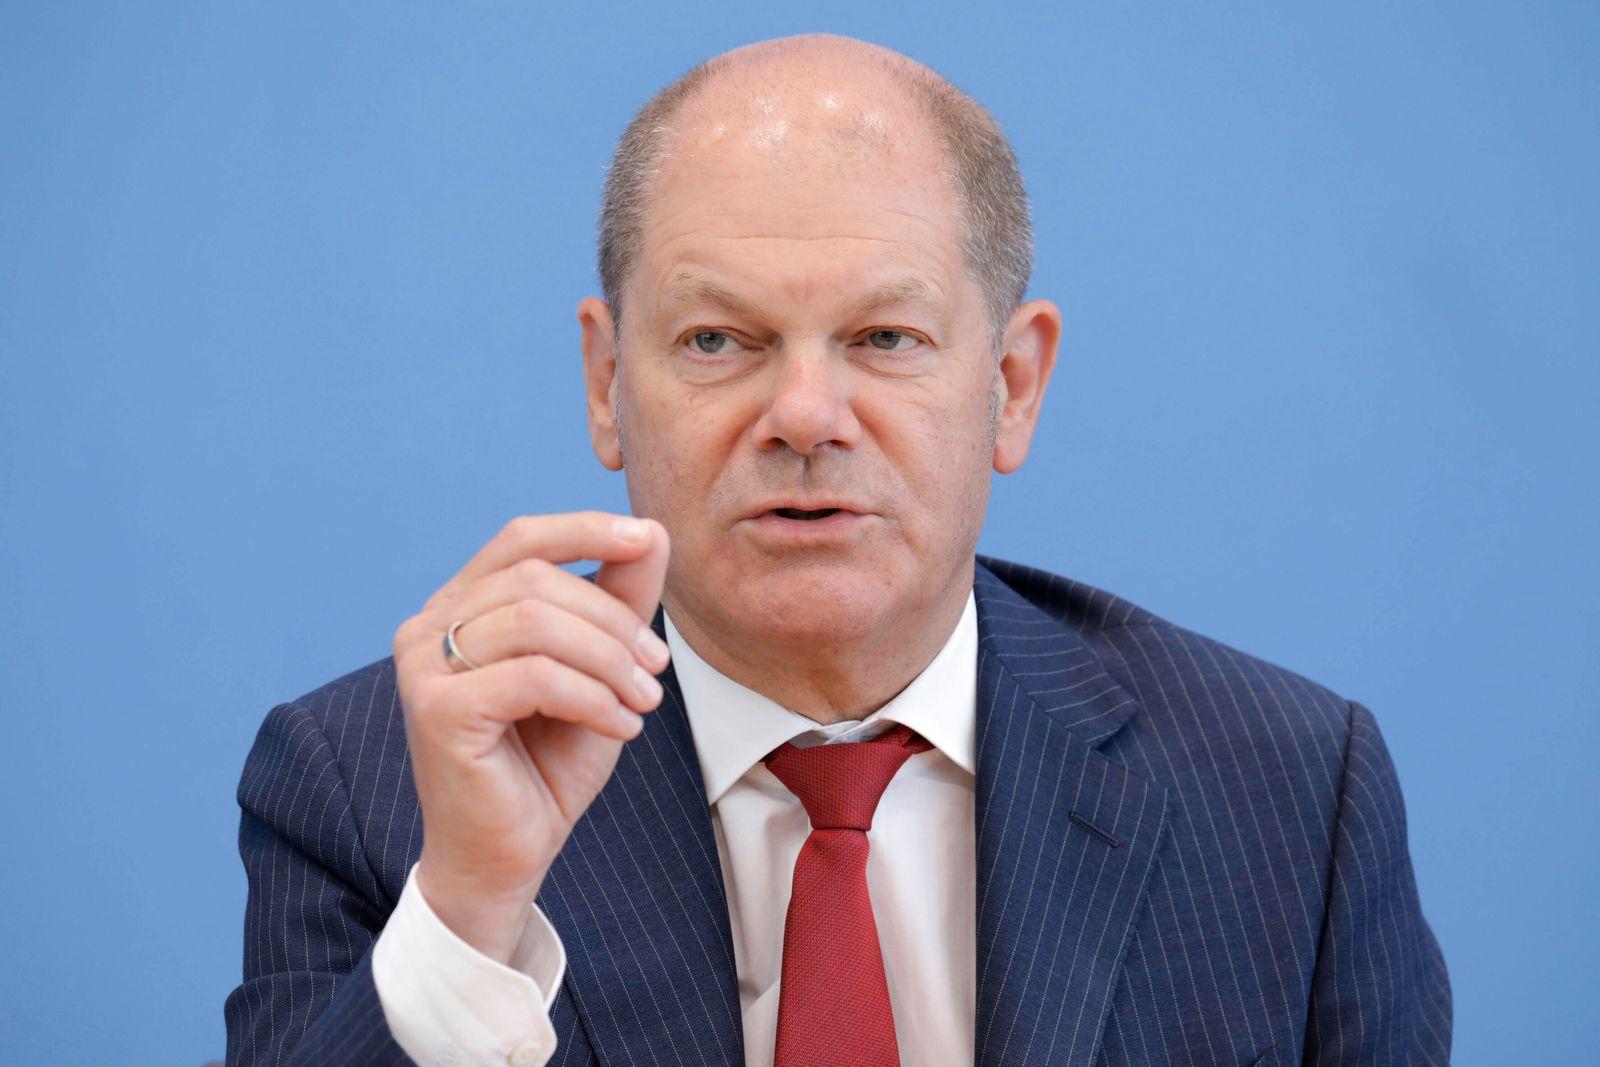 Olaf Scholz, Bundesminister der Finanzen, SPD, PK zu Nachtragshaushalt, DEU, Berlin, 17.06.2020 *** Olaf Scholz, Federal